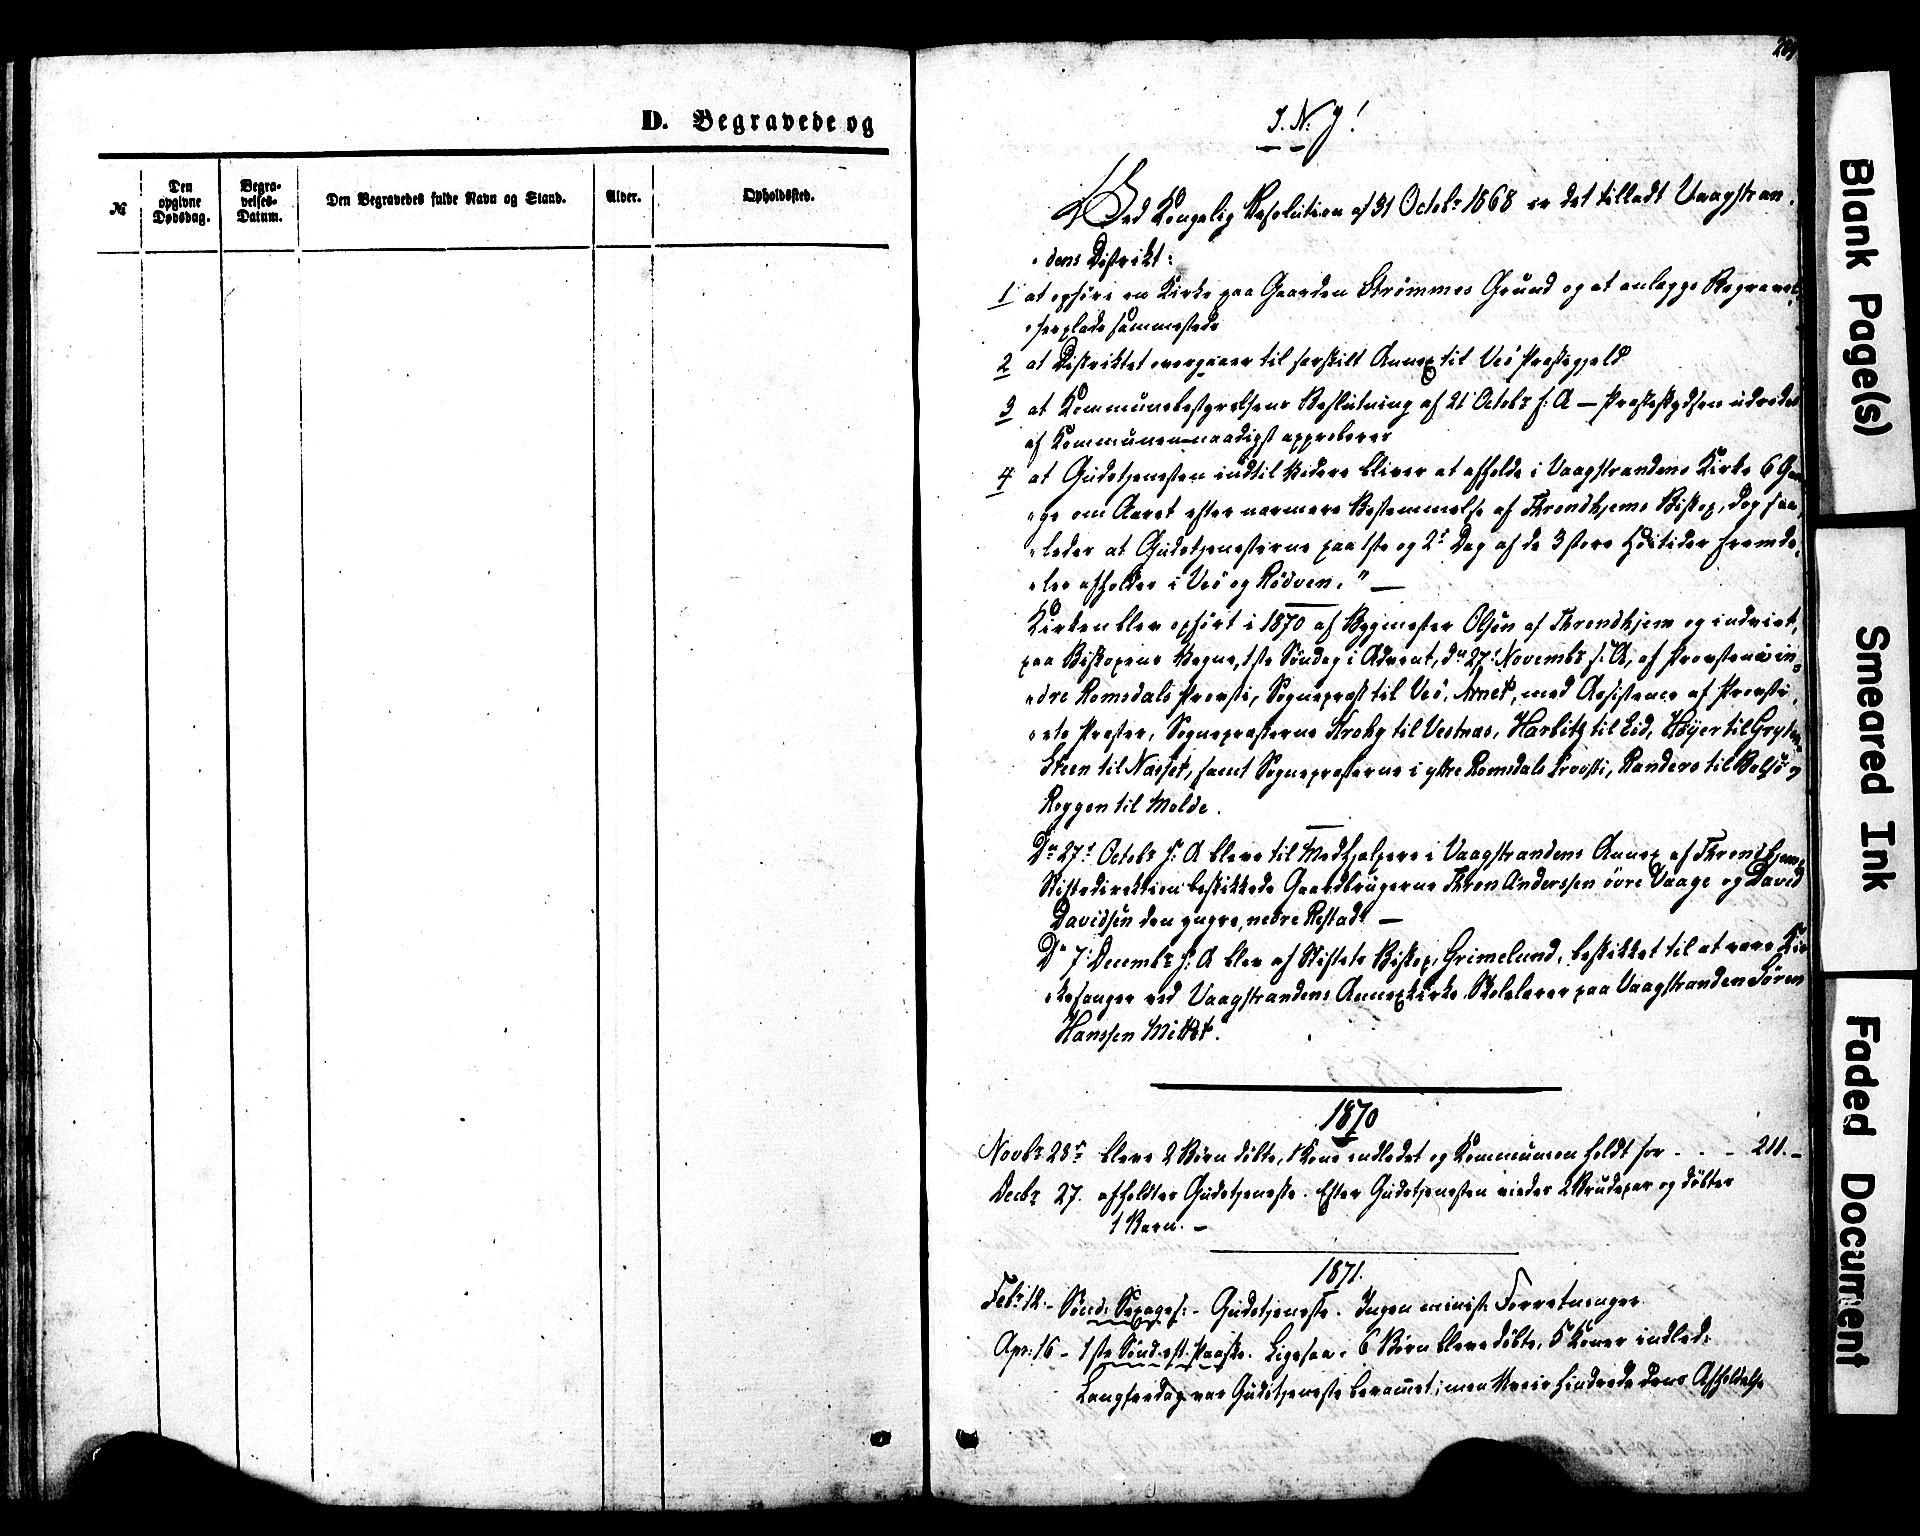 SAT, Ministerialprotokoller, klokkerbøker og fødselsregistre - Møre og Romsdal, 550/L0618: Klokkerbok nr. 550C01, 1870-1927, s. 289